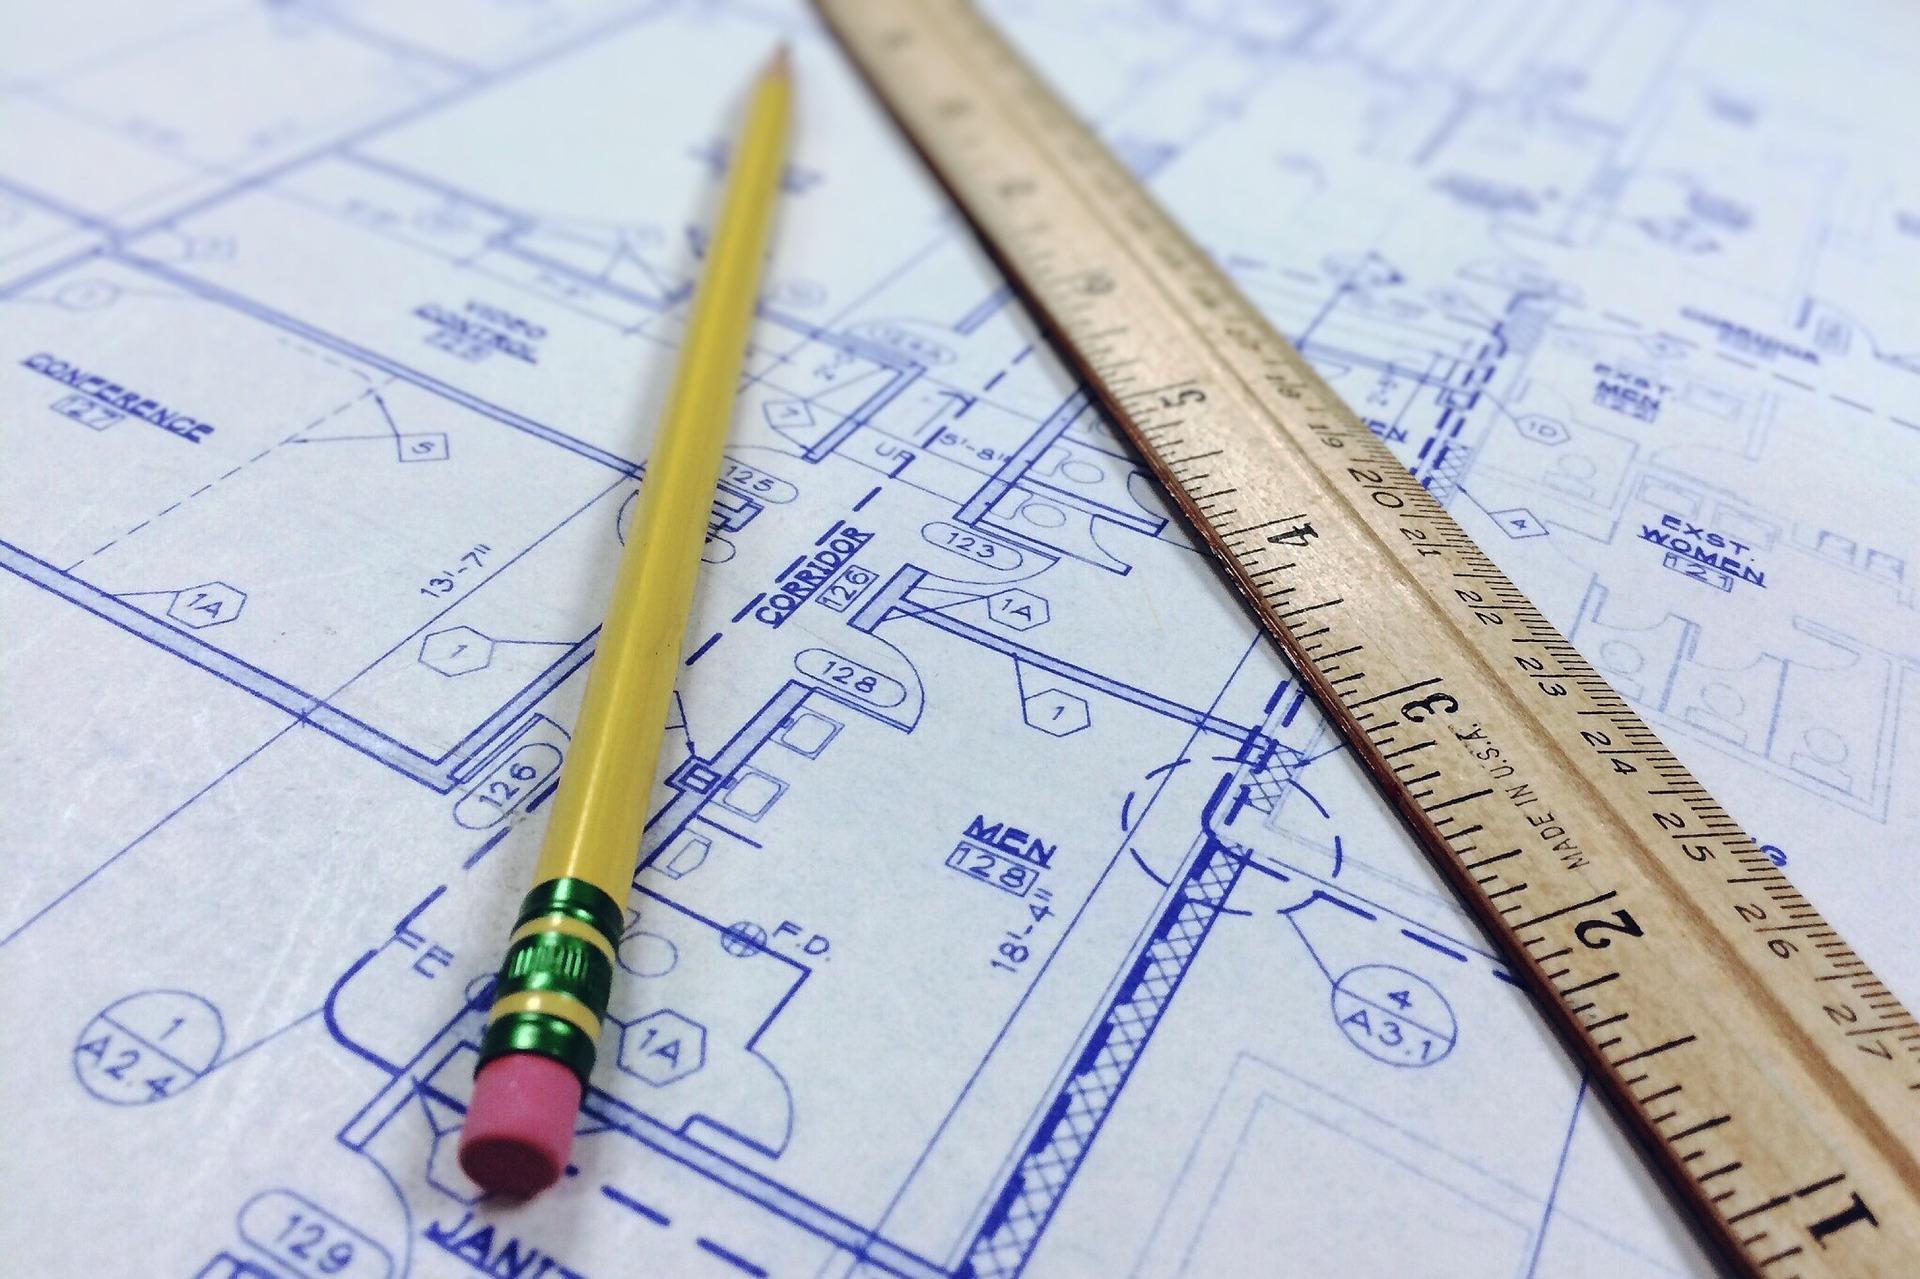 Blaupause, Stift Und Lineal Als Symbol Für Strukturiertes Vorgehen Bei Der Innovation